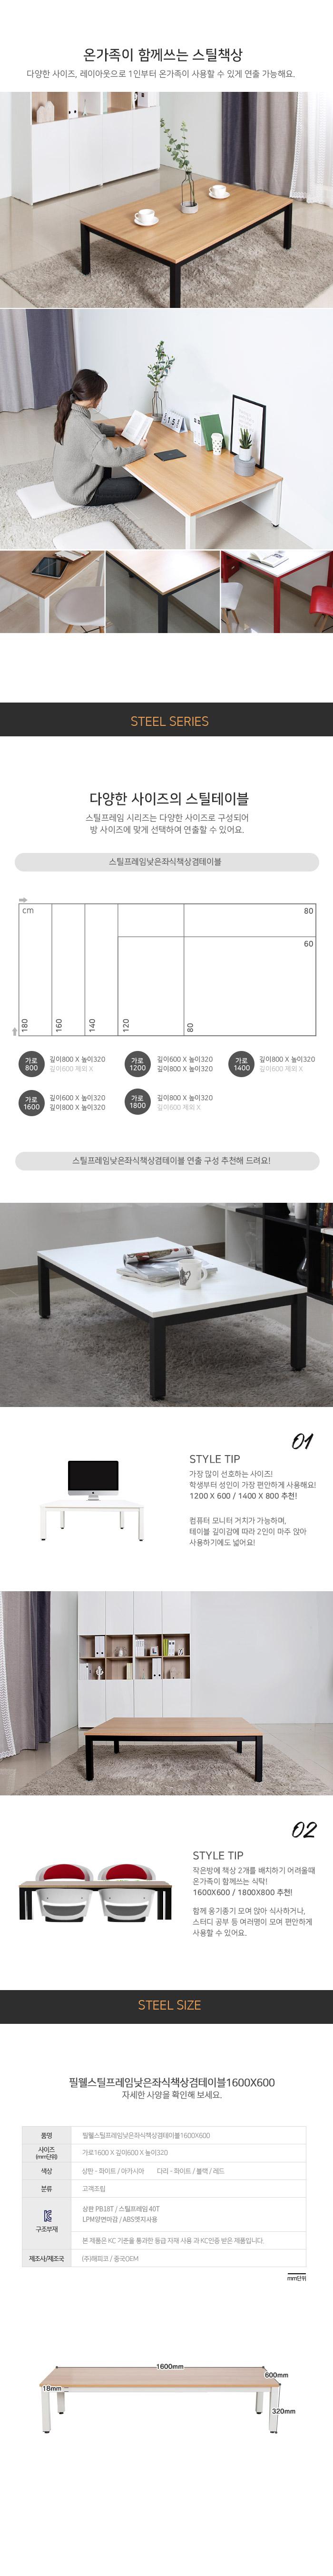 필웰스틸프레임낮은좌식책상겸테이블1600x600 - 필웰, 143,000원, 책상/의자, 좌식 책상